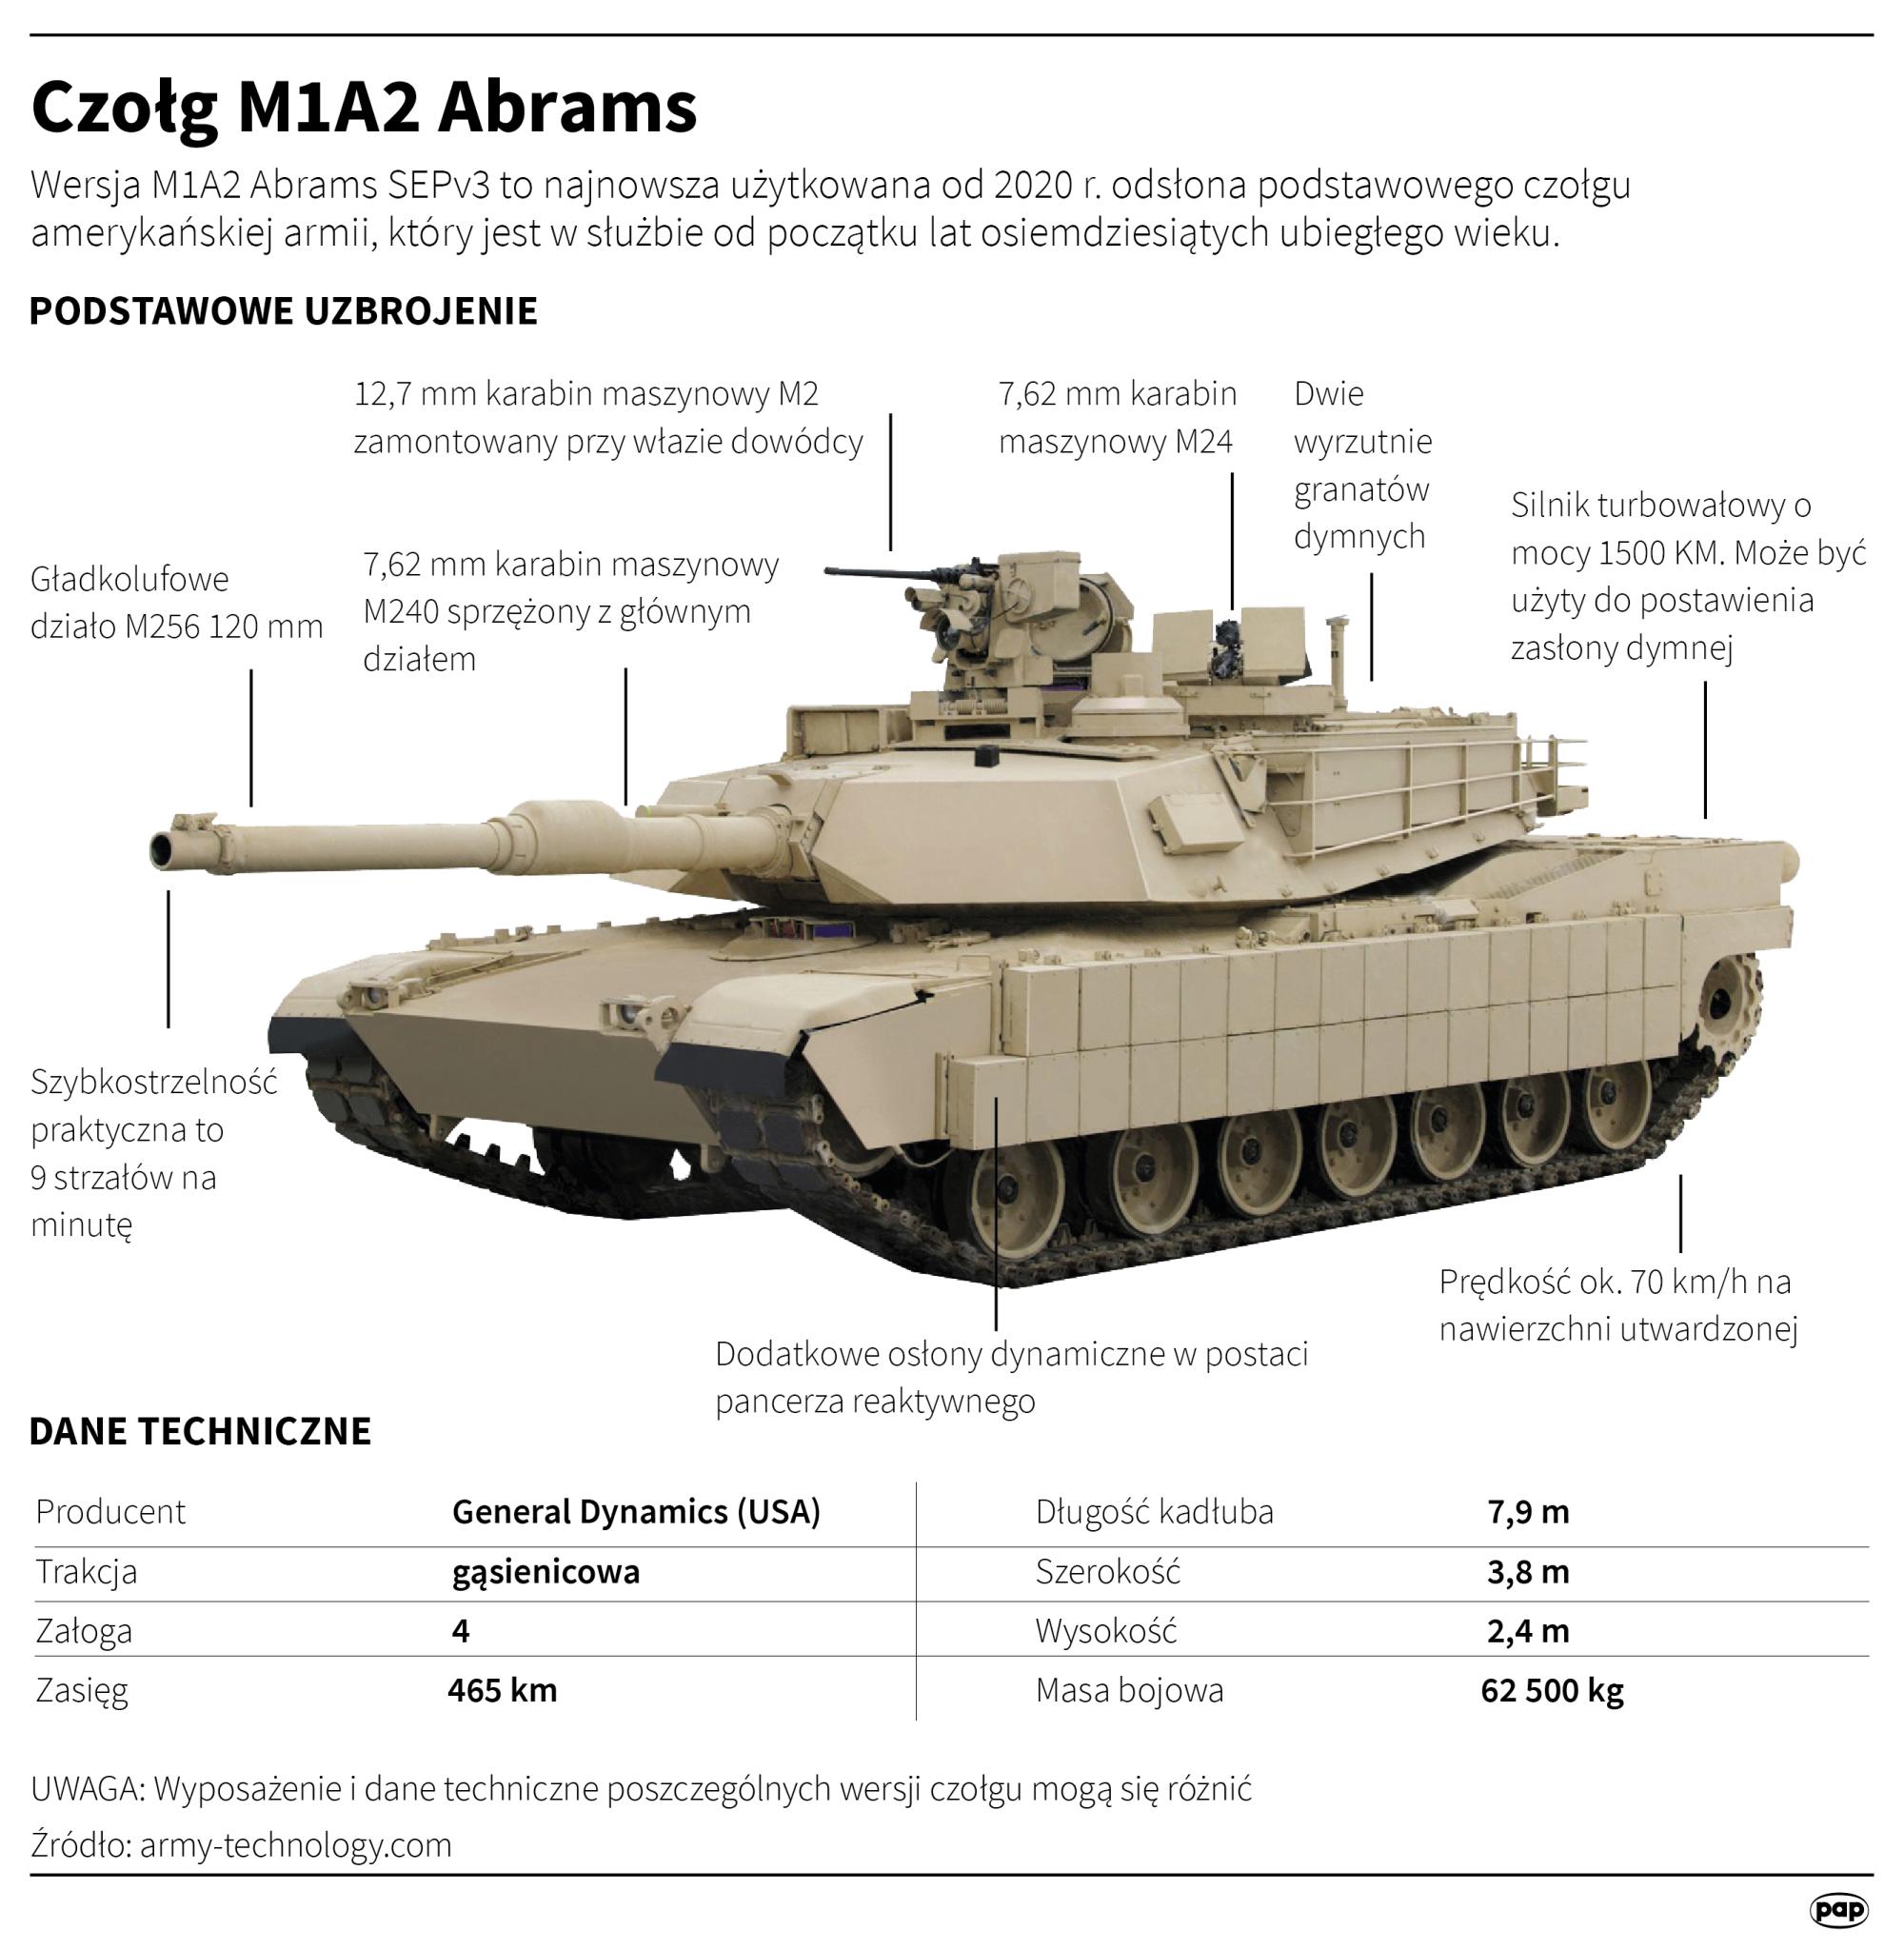 Wyposażenie czołgu M1A2 Abrams